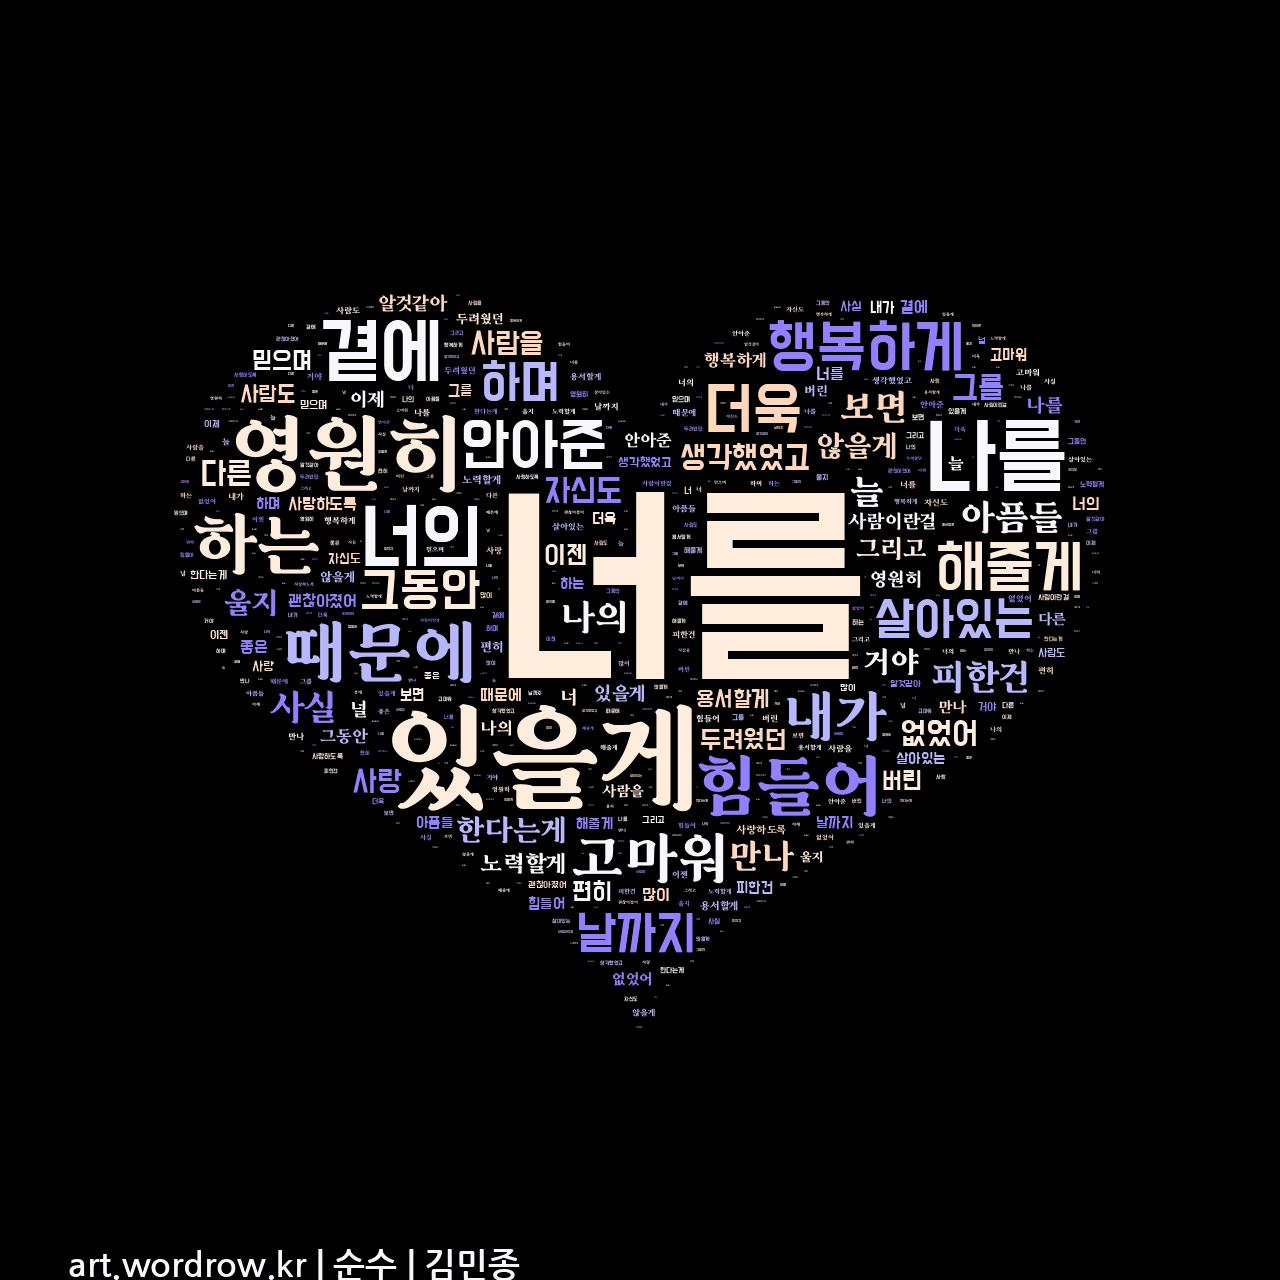 워드 아트: 순수 [김민종]-30